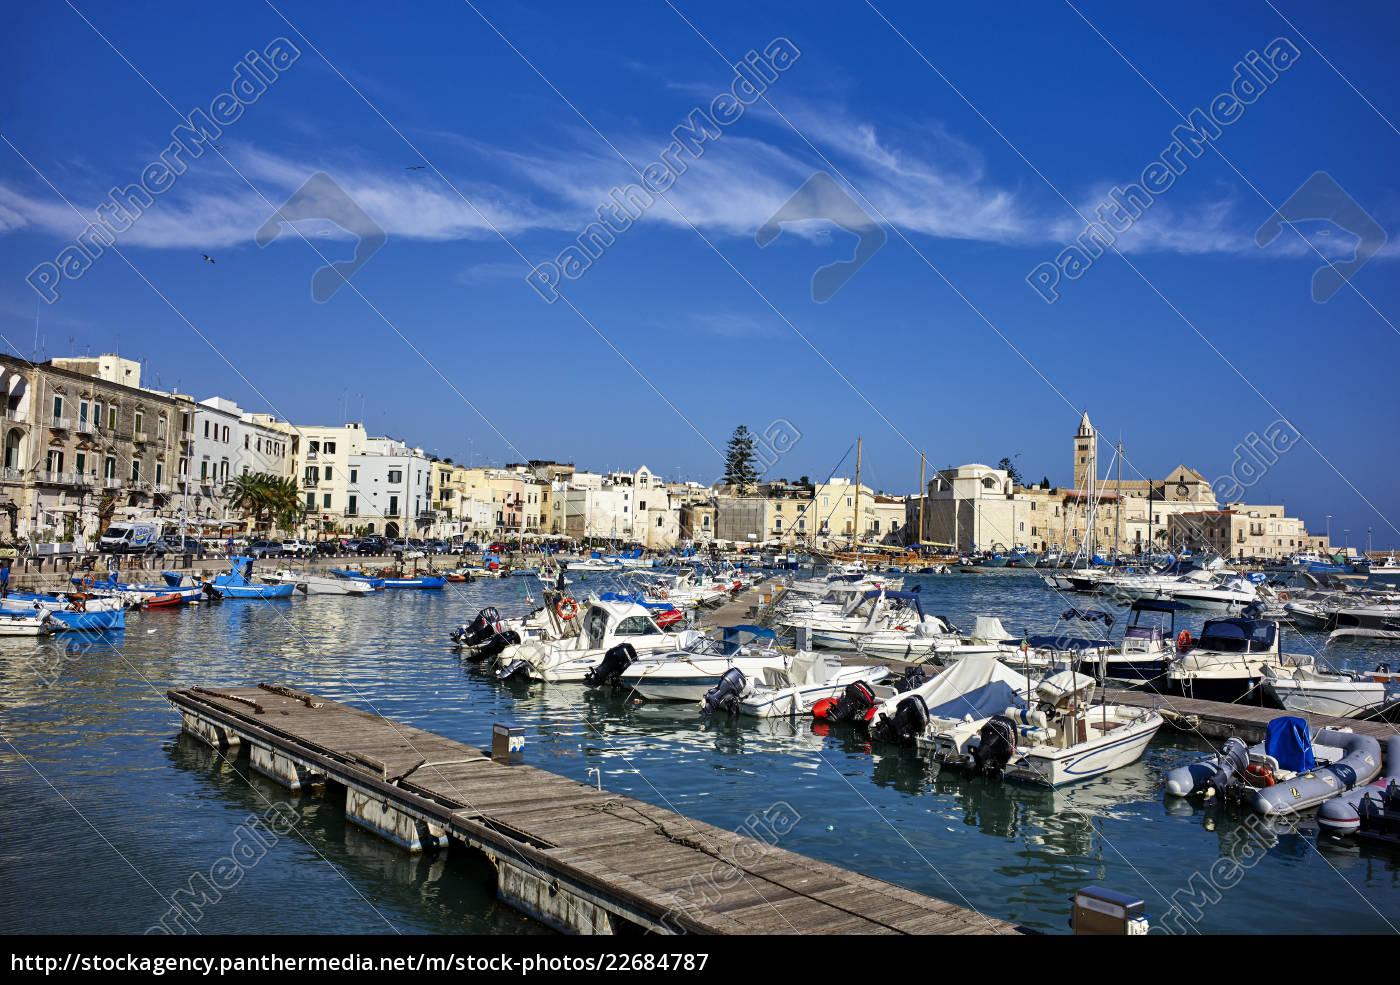 der, seehafen, von, trani., apulien, italien, mittelmeer, europa - 22684787